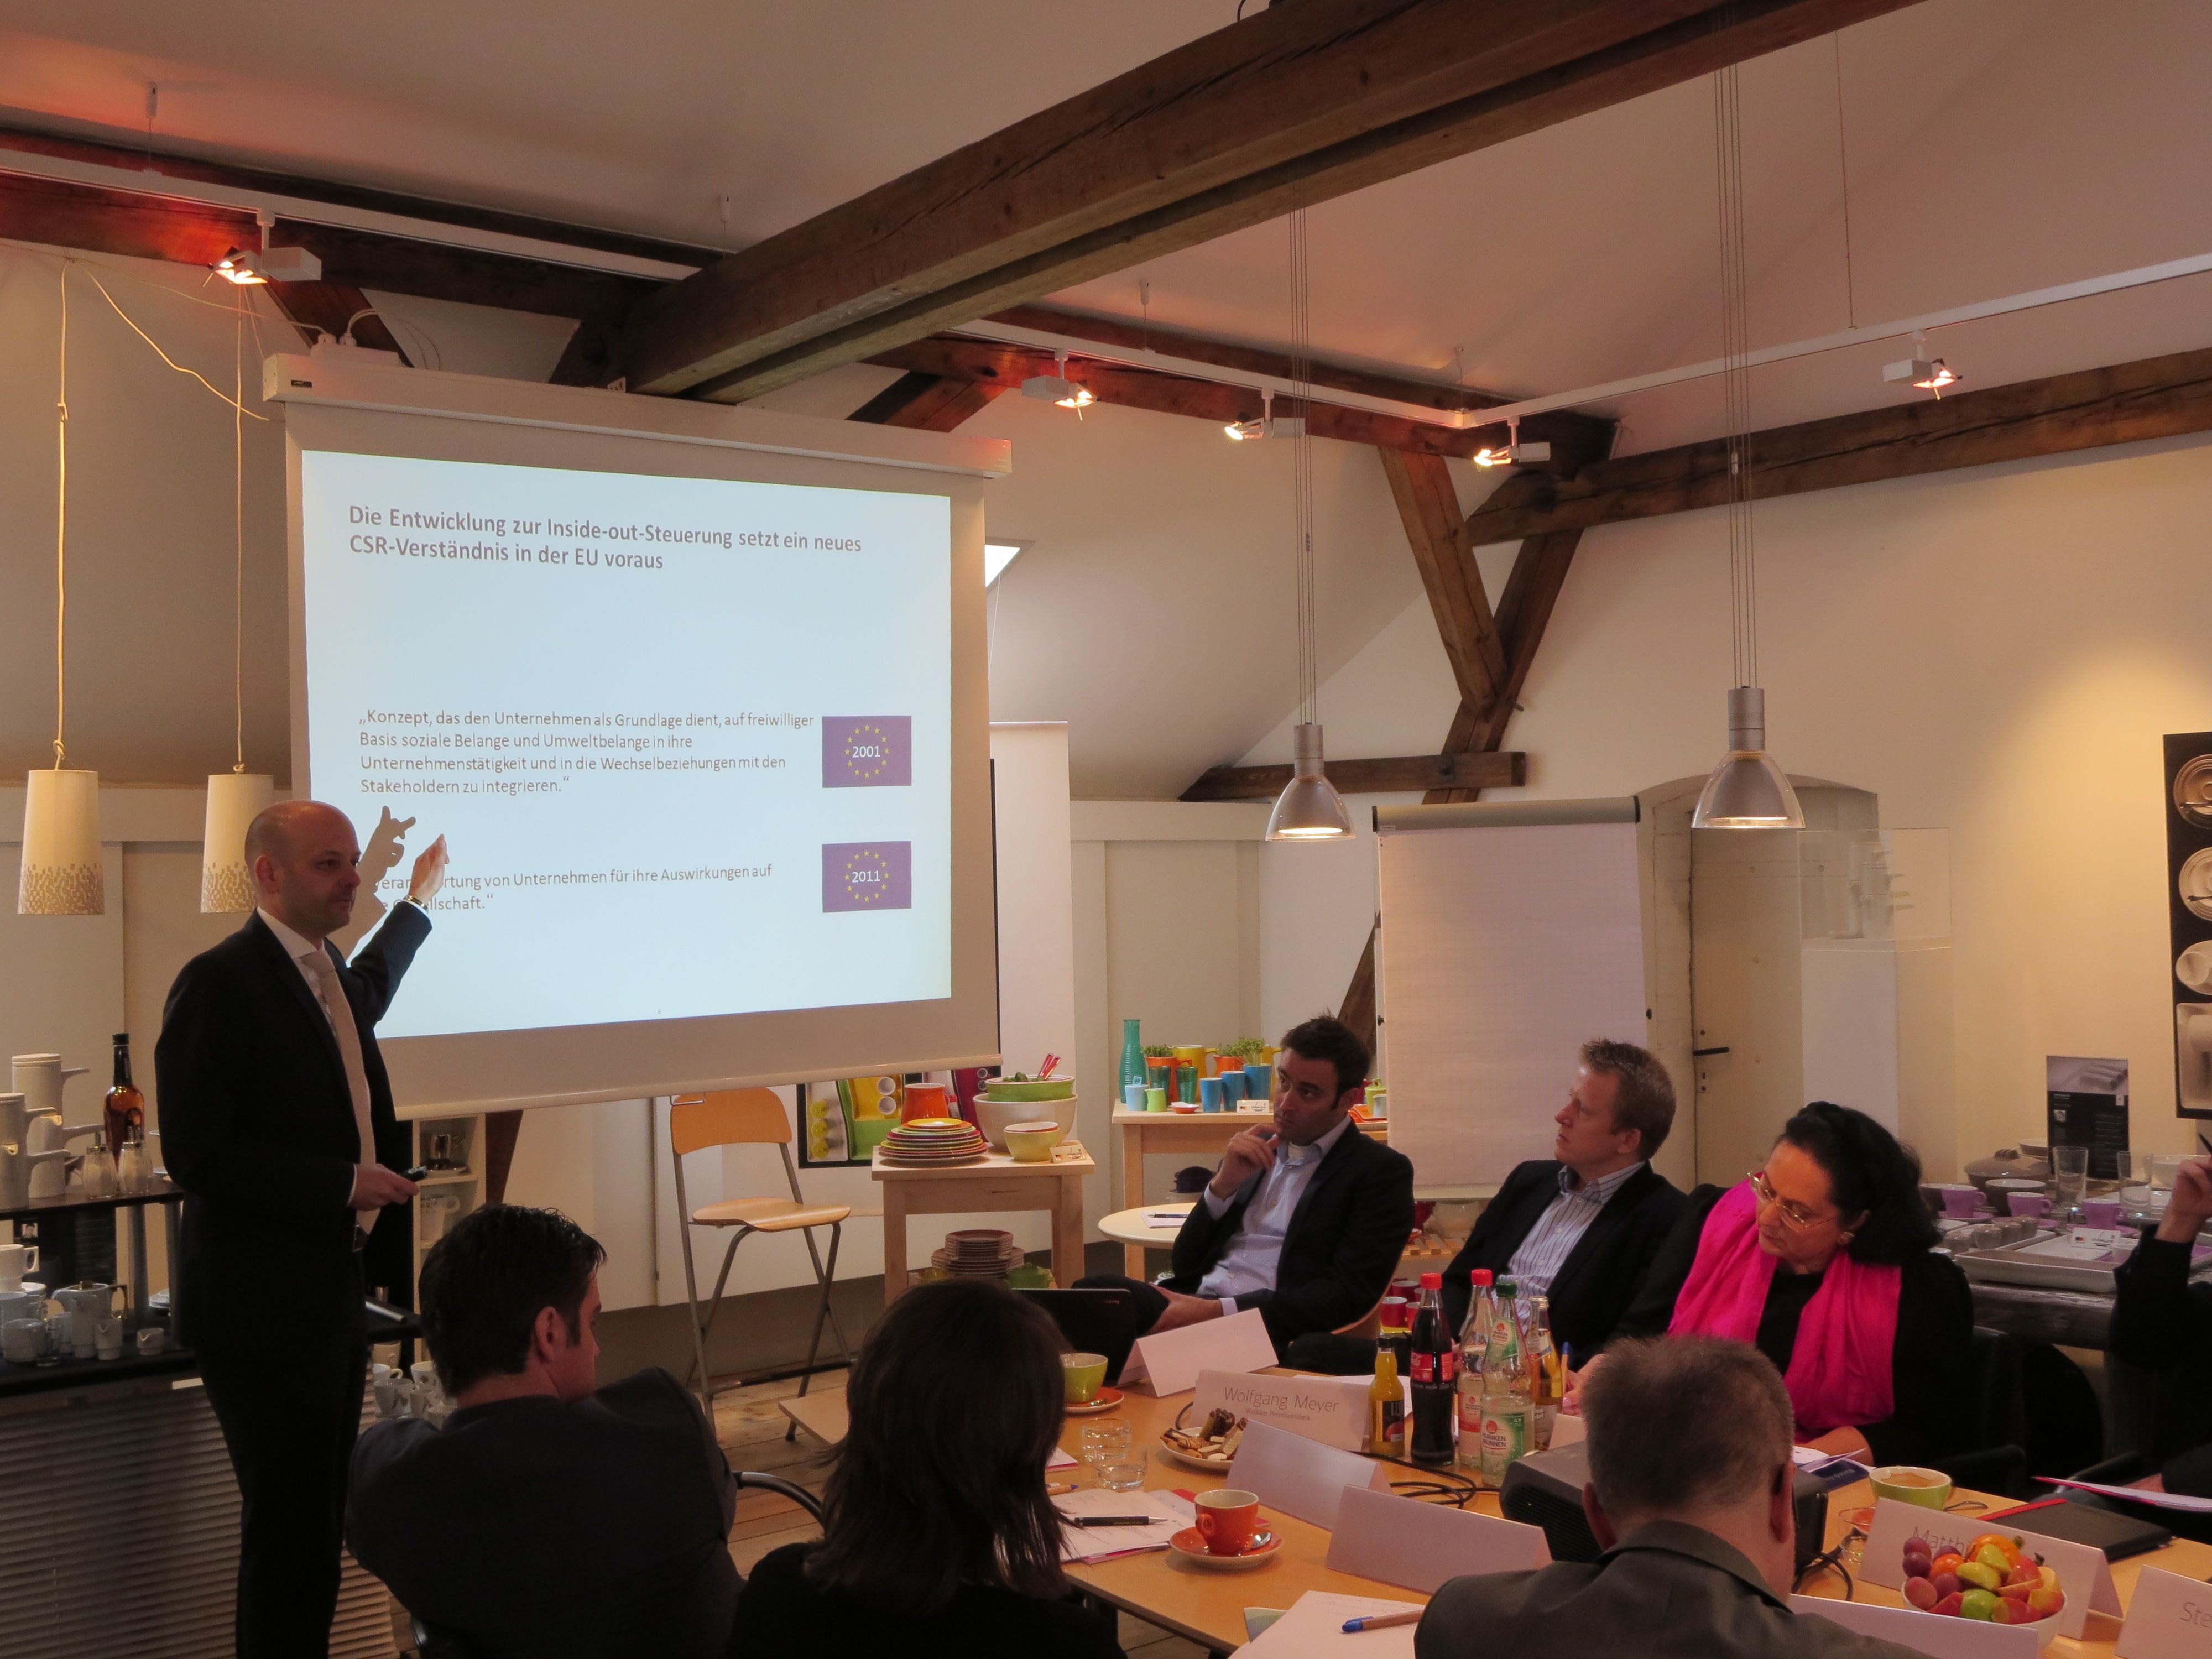 Einführungsvortrag von Prof. Dr. Dr. Alexander Brink